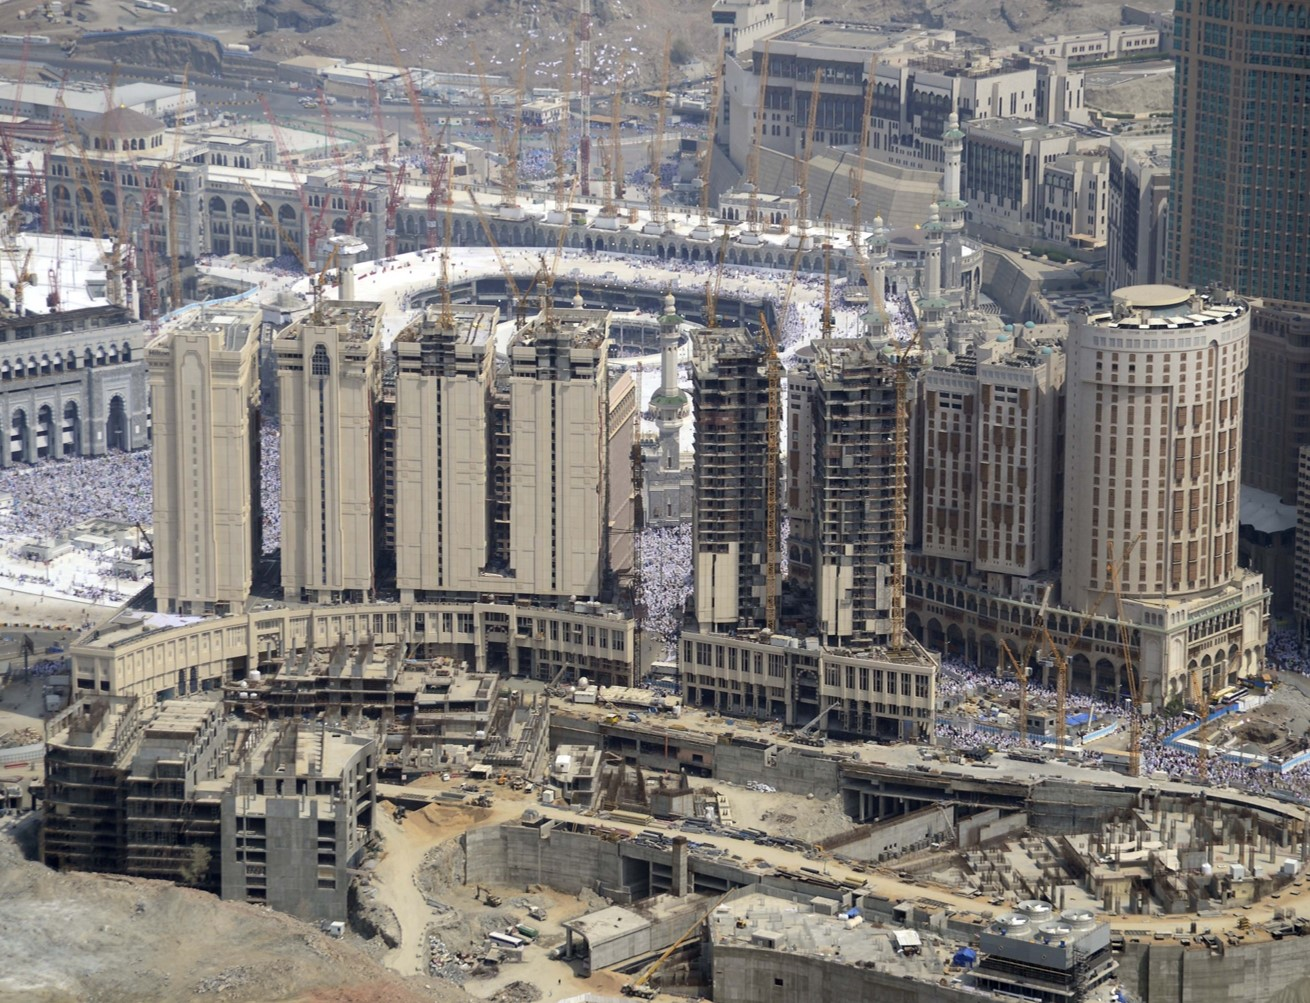 جبل عمر تحصل على موافقة لزيادة المسطحات البنائية الاستثمارية لمشروعها في مكة صحيفة الاقتصادية